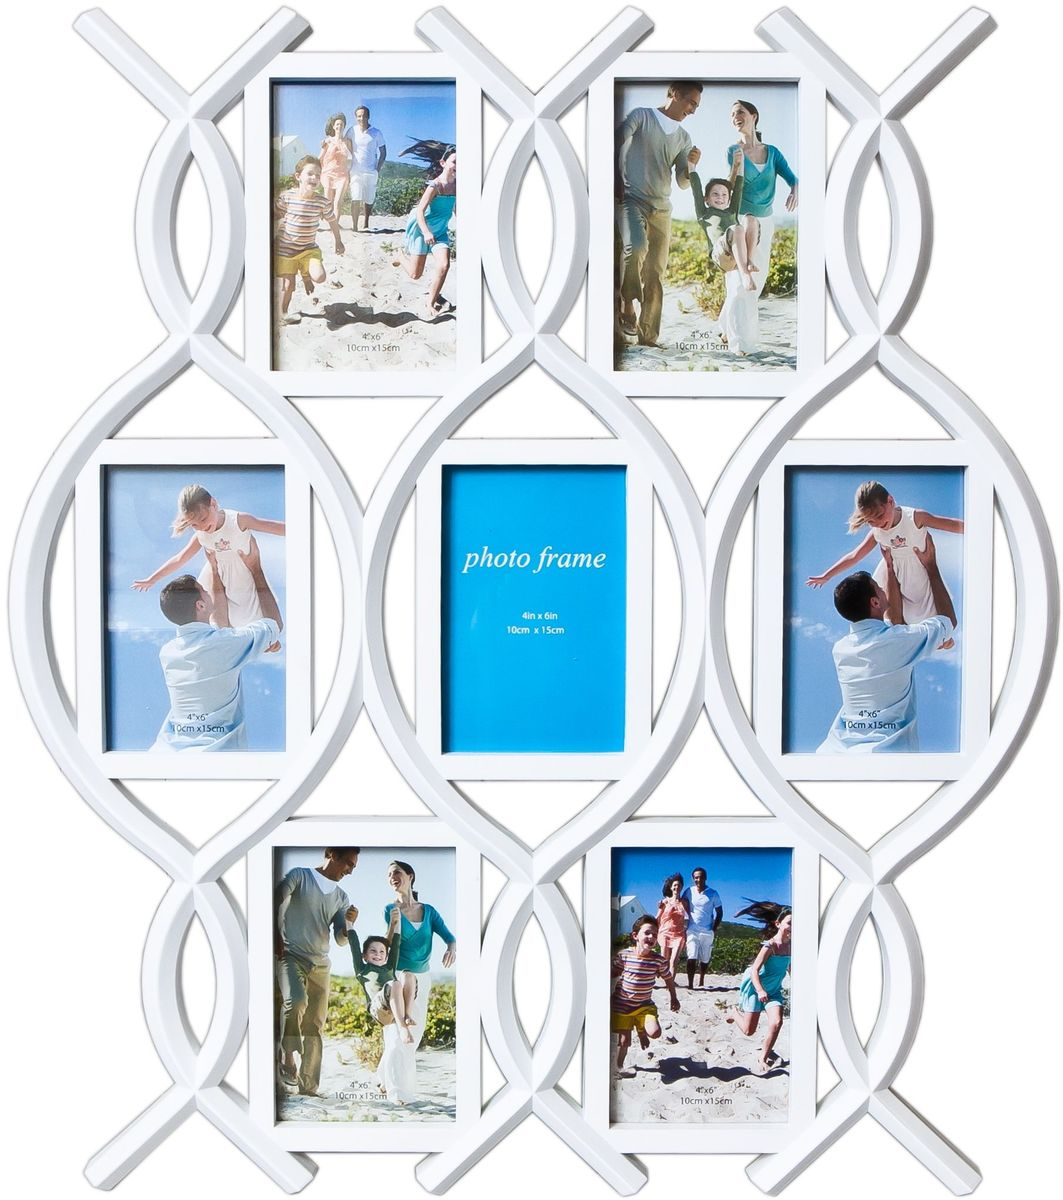 Фоторамка Platinum, цвет: белый, на 7 фото 10 х 15 см. BH-1407PLATINUM BH-1407-White-БелыйФоторамка Platinum - прекрасный способ красиво оформить ваши фотографии. Фоторамка выполнена из пластика и защищена стеклом. Фоторамка-коллаж представляет собой семь фоторамок для фото одного размера оригинально соединенных между собой. Такая фоторамка поможет сохранить в памяти самые яркие моменты вашей жизни, а стильный дизайн сделает ее прекрасным дополнением интерьера комнаты. Фоторамка подходит для фотографий 10 х 15 см.Общий размер фоторамки: 51 х 58 см.